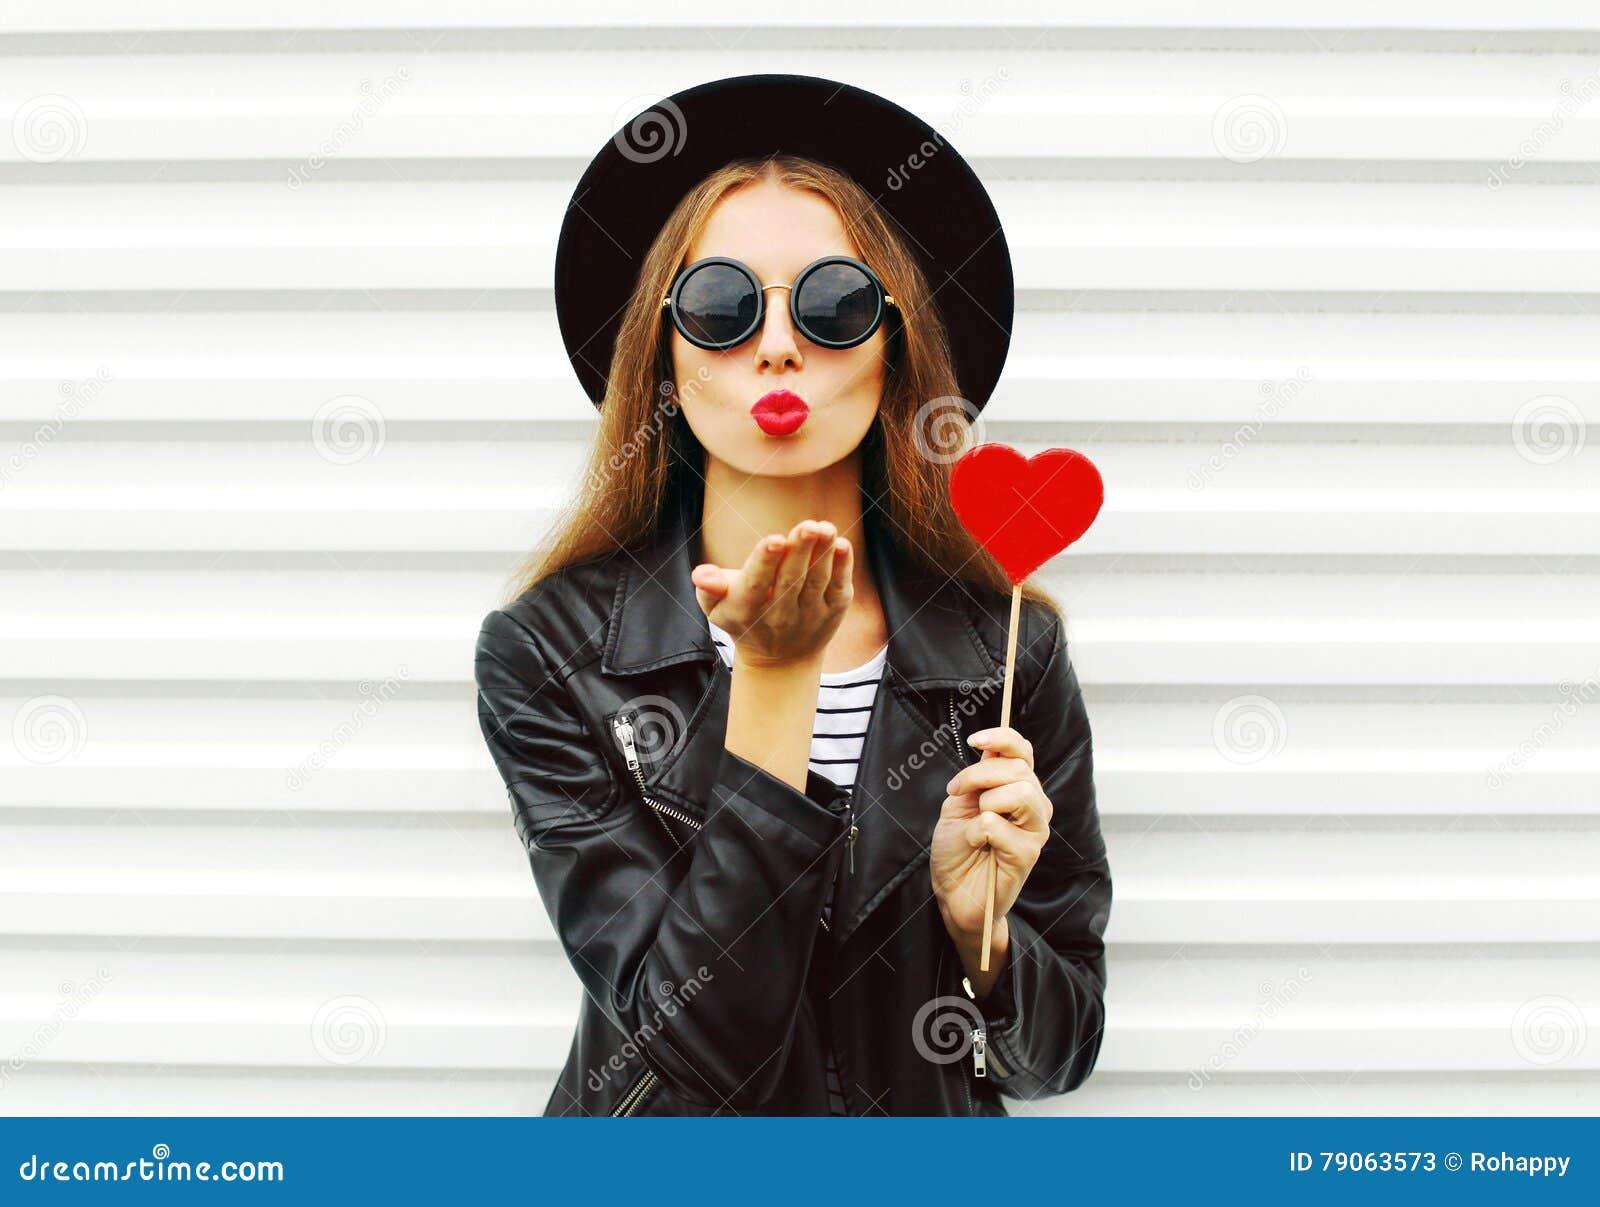 Η γλυκιά νέα γυναίκα μόδας αρκετά με τα κόκκινα χείλια στέλνει το φιλί αέρα με την καρδιά lollipop που φορά το σακάκι δέρματος μα